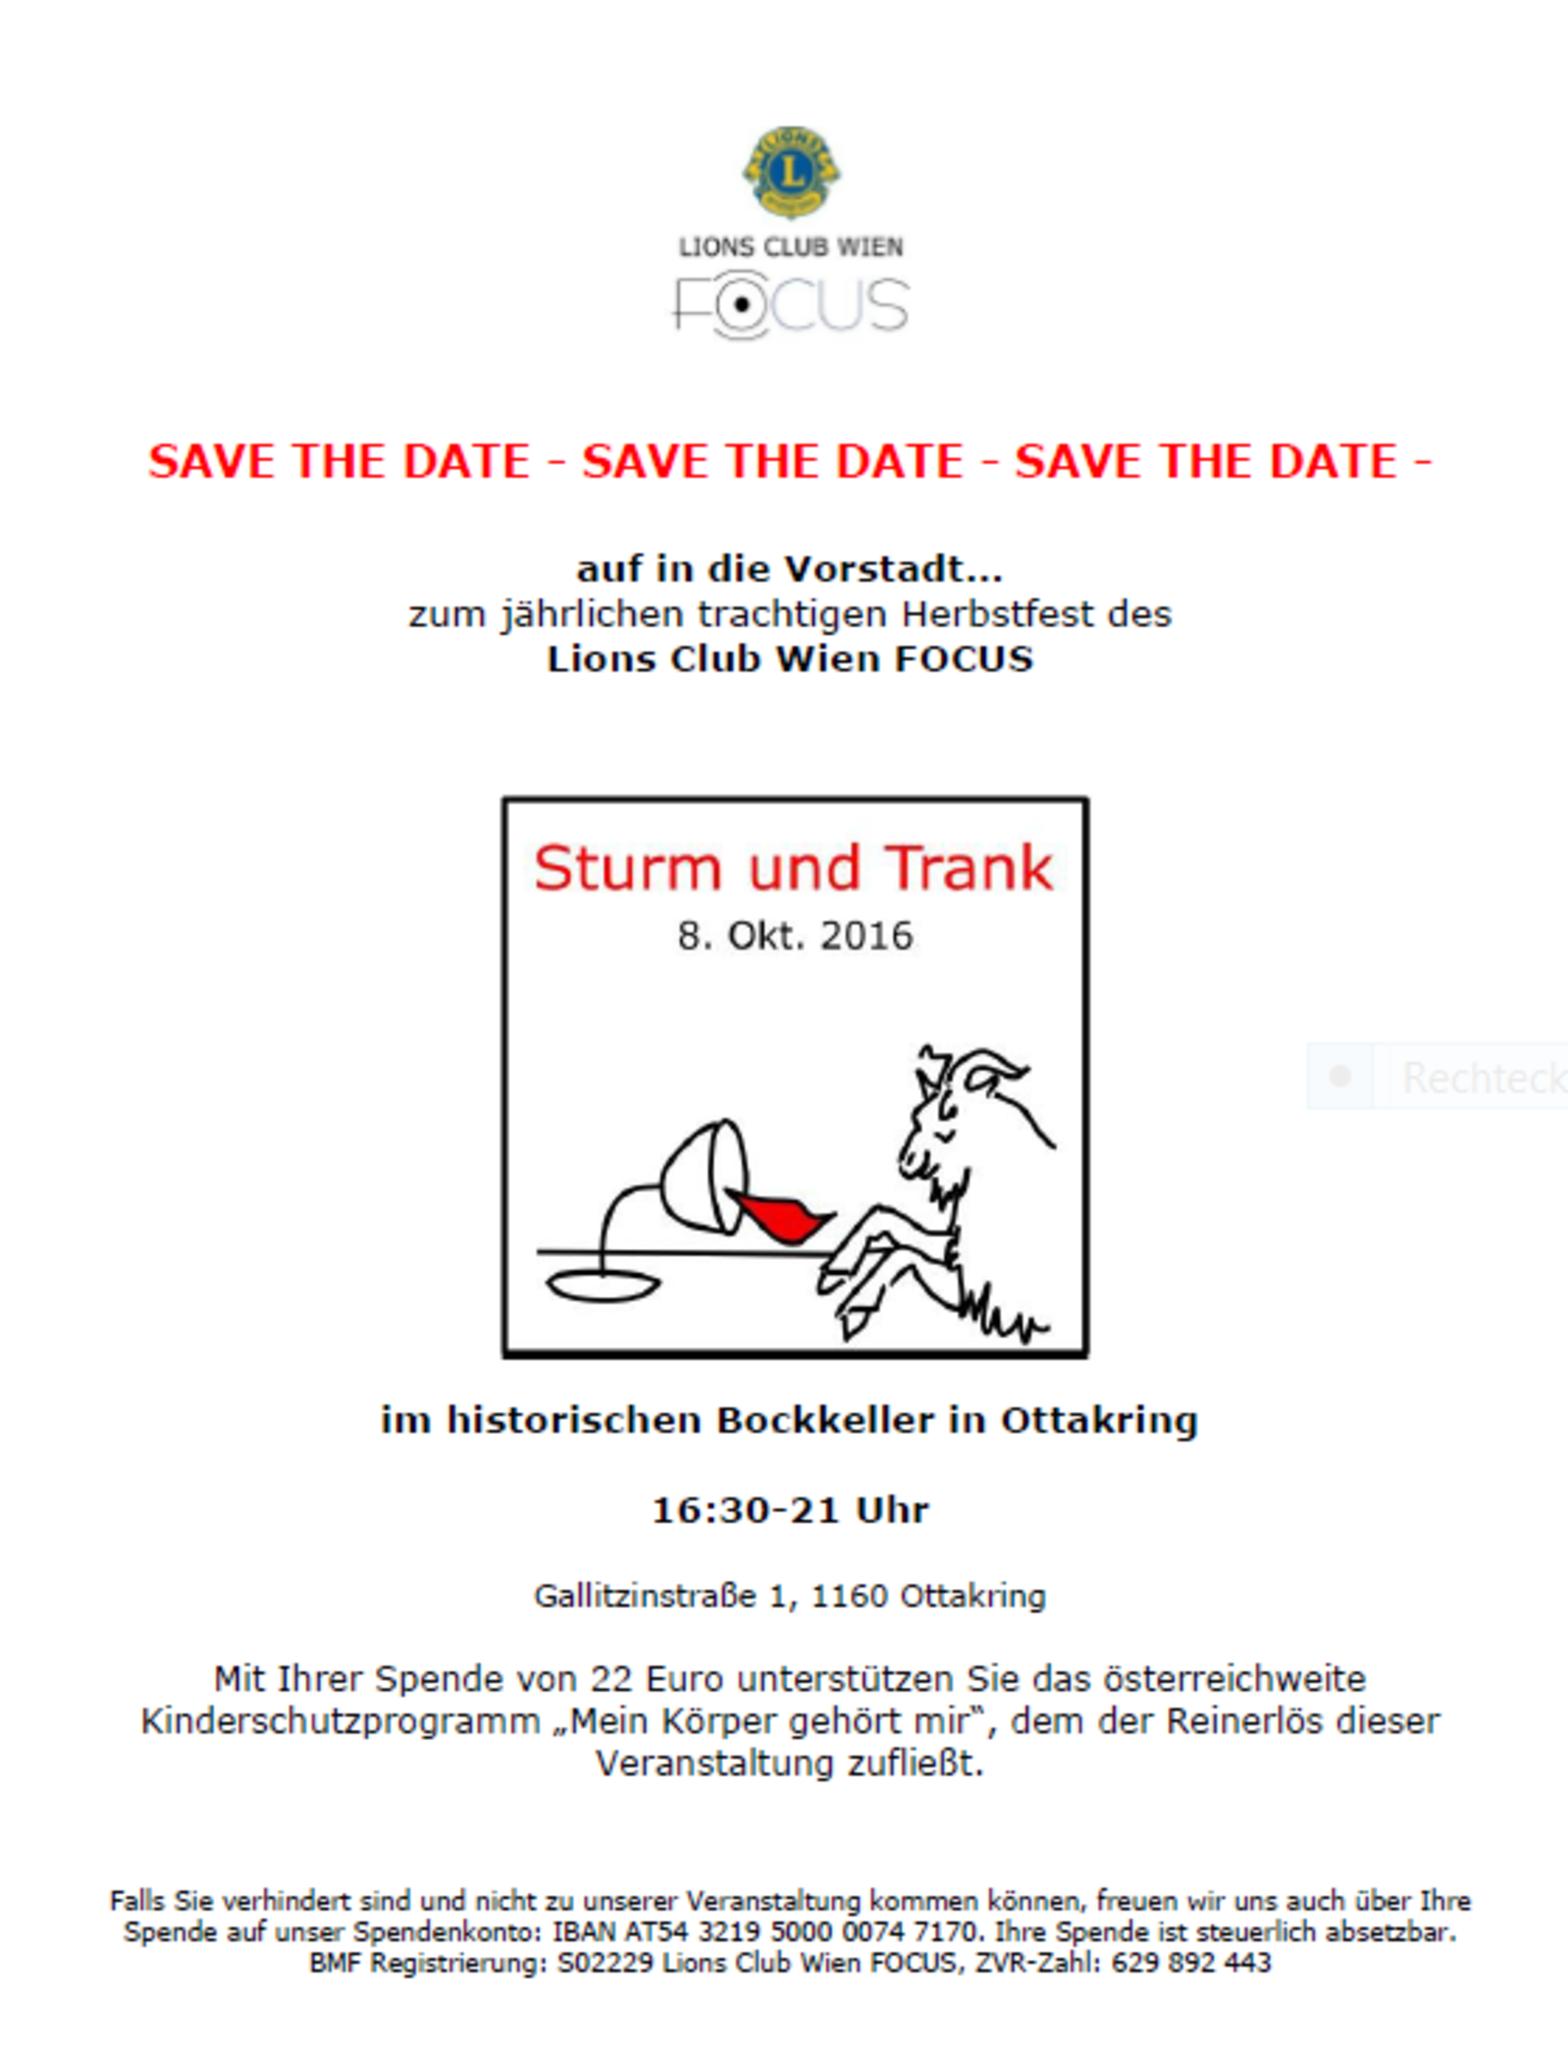 Dating Websites Wien Ottakring, Swiss Free Mautern